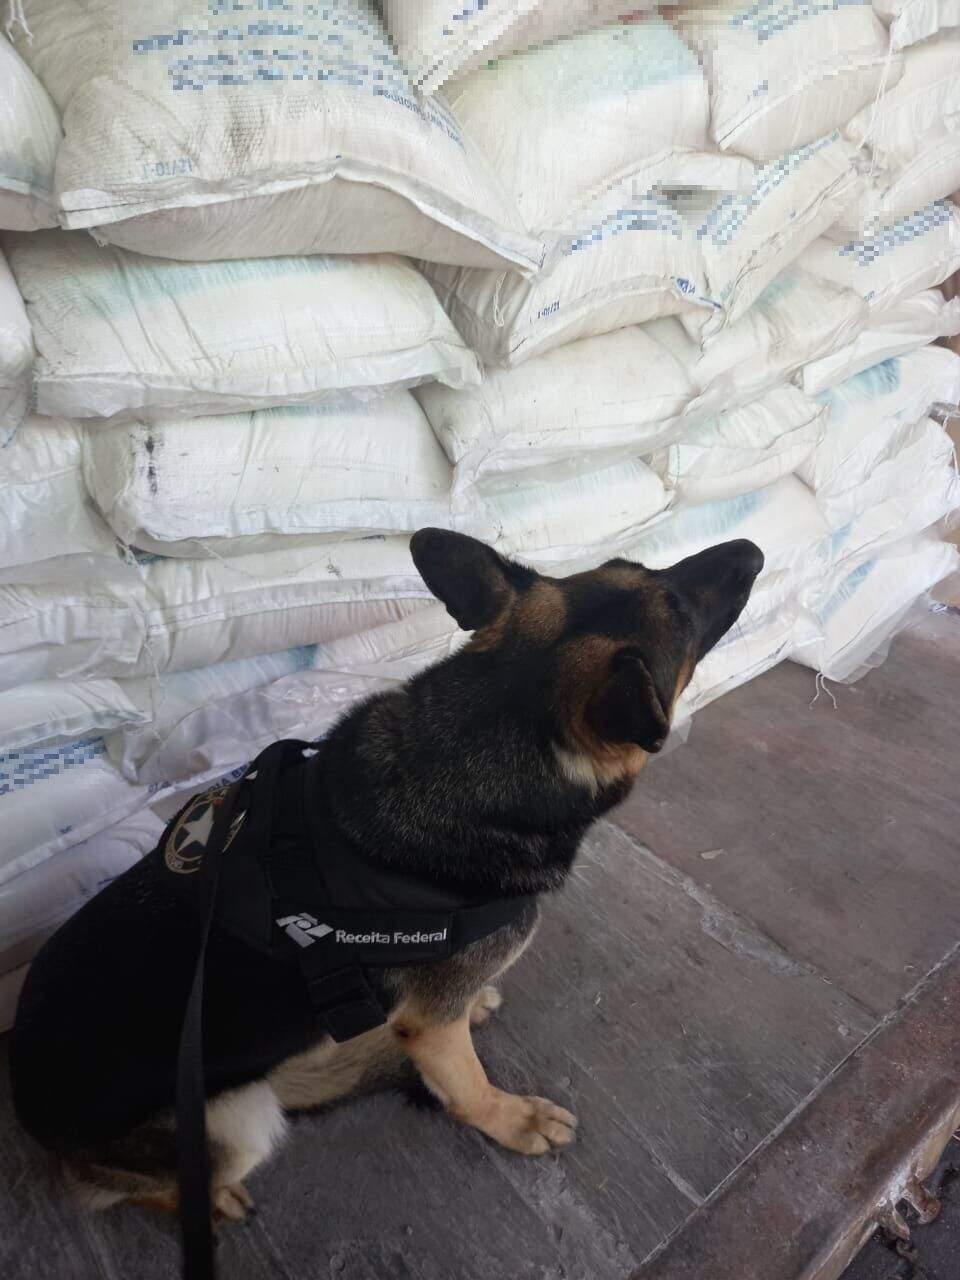 Cães farejadores foram utilizados para localizar a droga em carregamento no cais santista